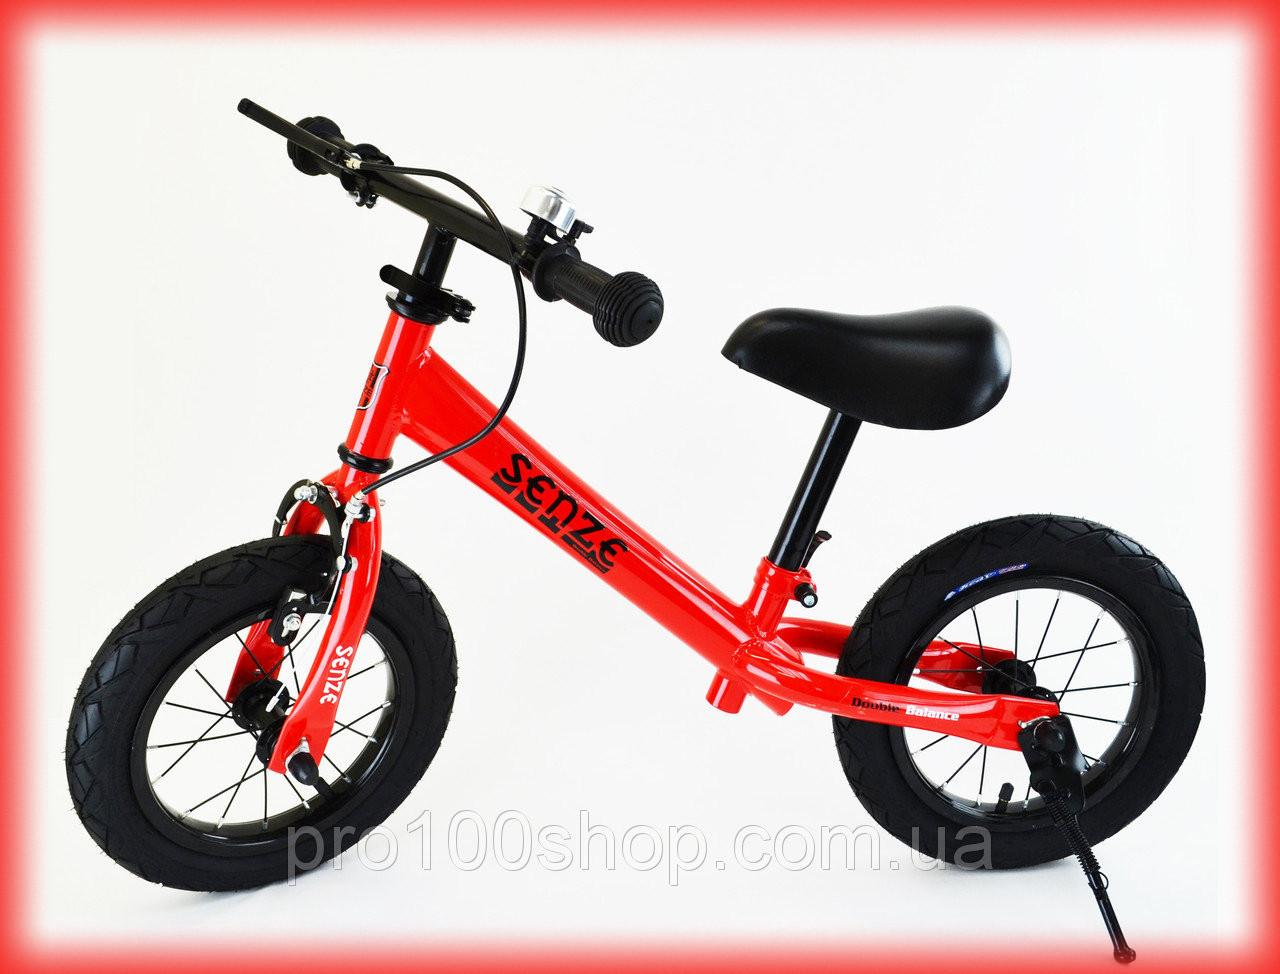 Велобалансир детский Senze Красный от 2 до 5 лет